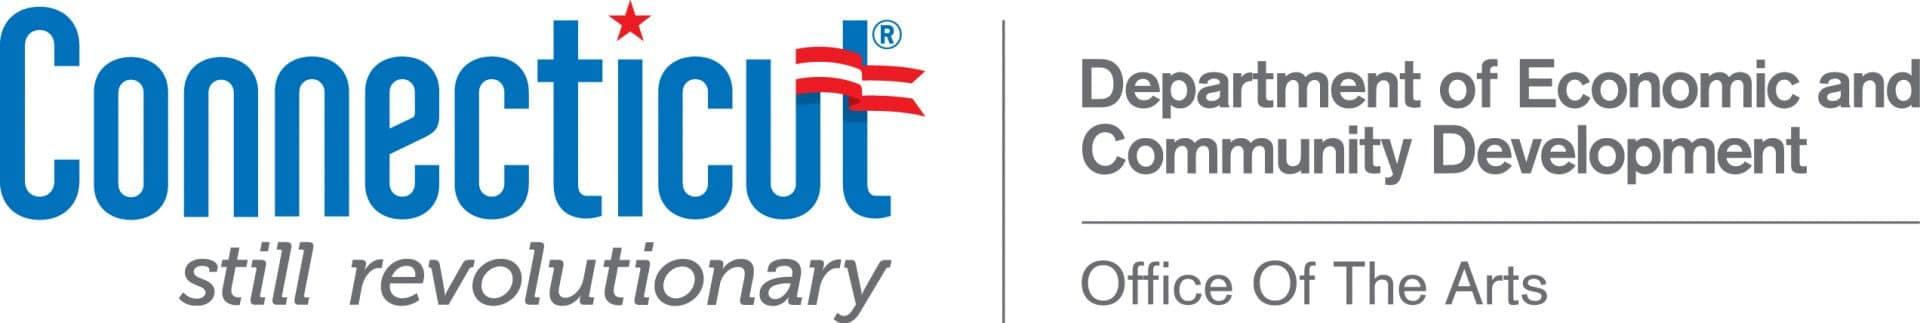 https://cdn.cptv.org/wp-content/uploads/2017/08/18121504/CT-Logo-DECD-Left-OOTA-RGB_R.jpg